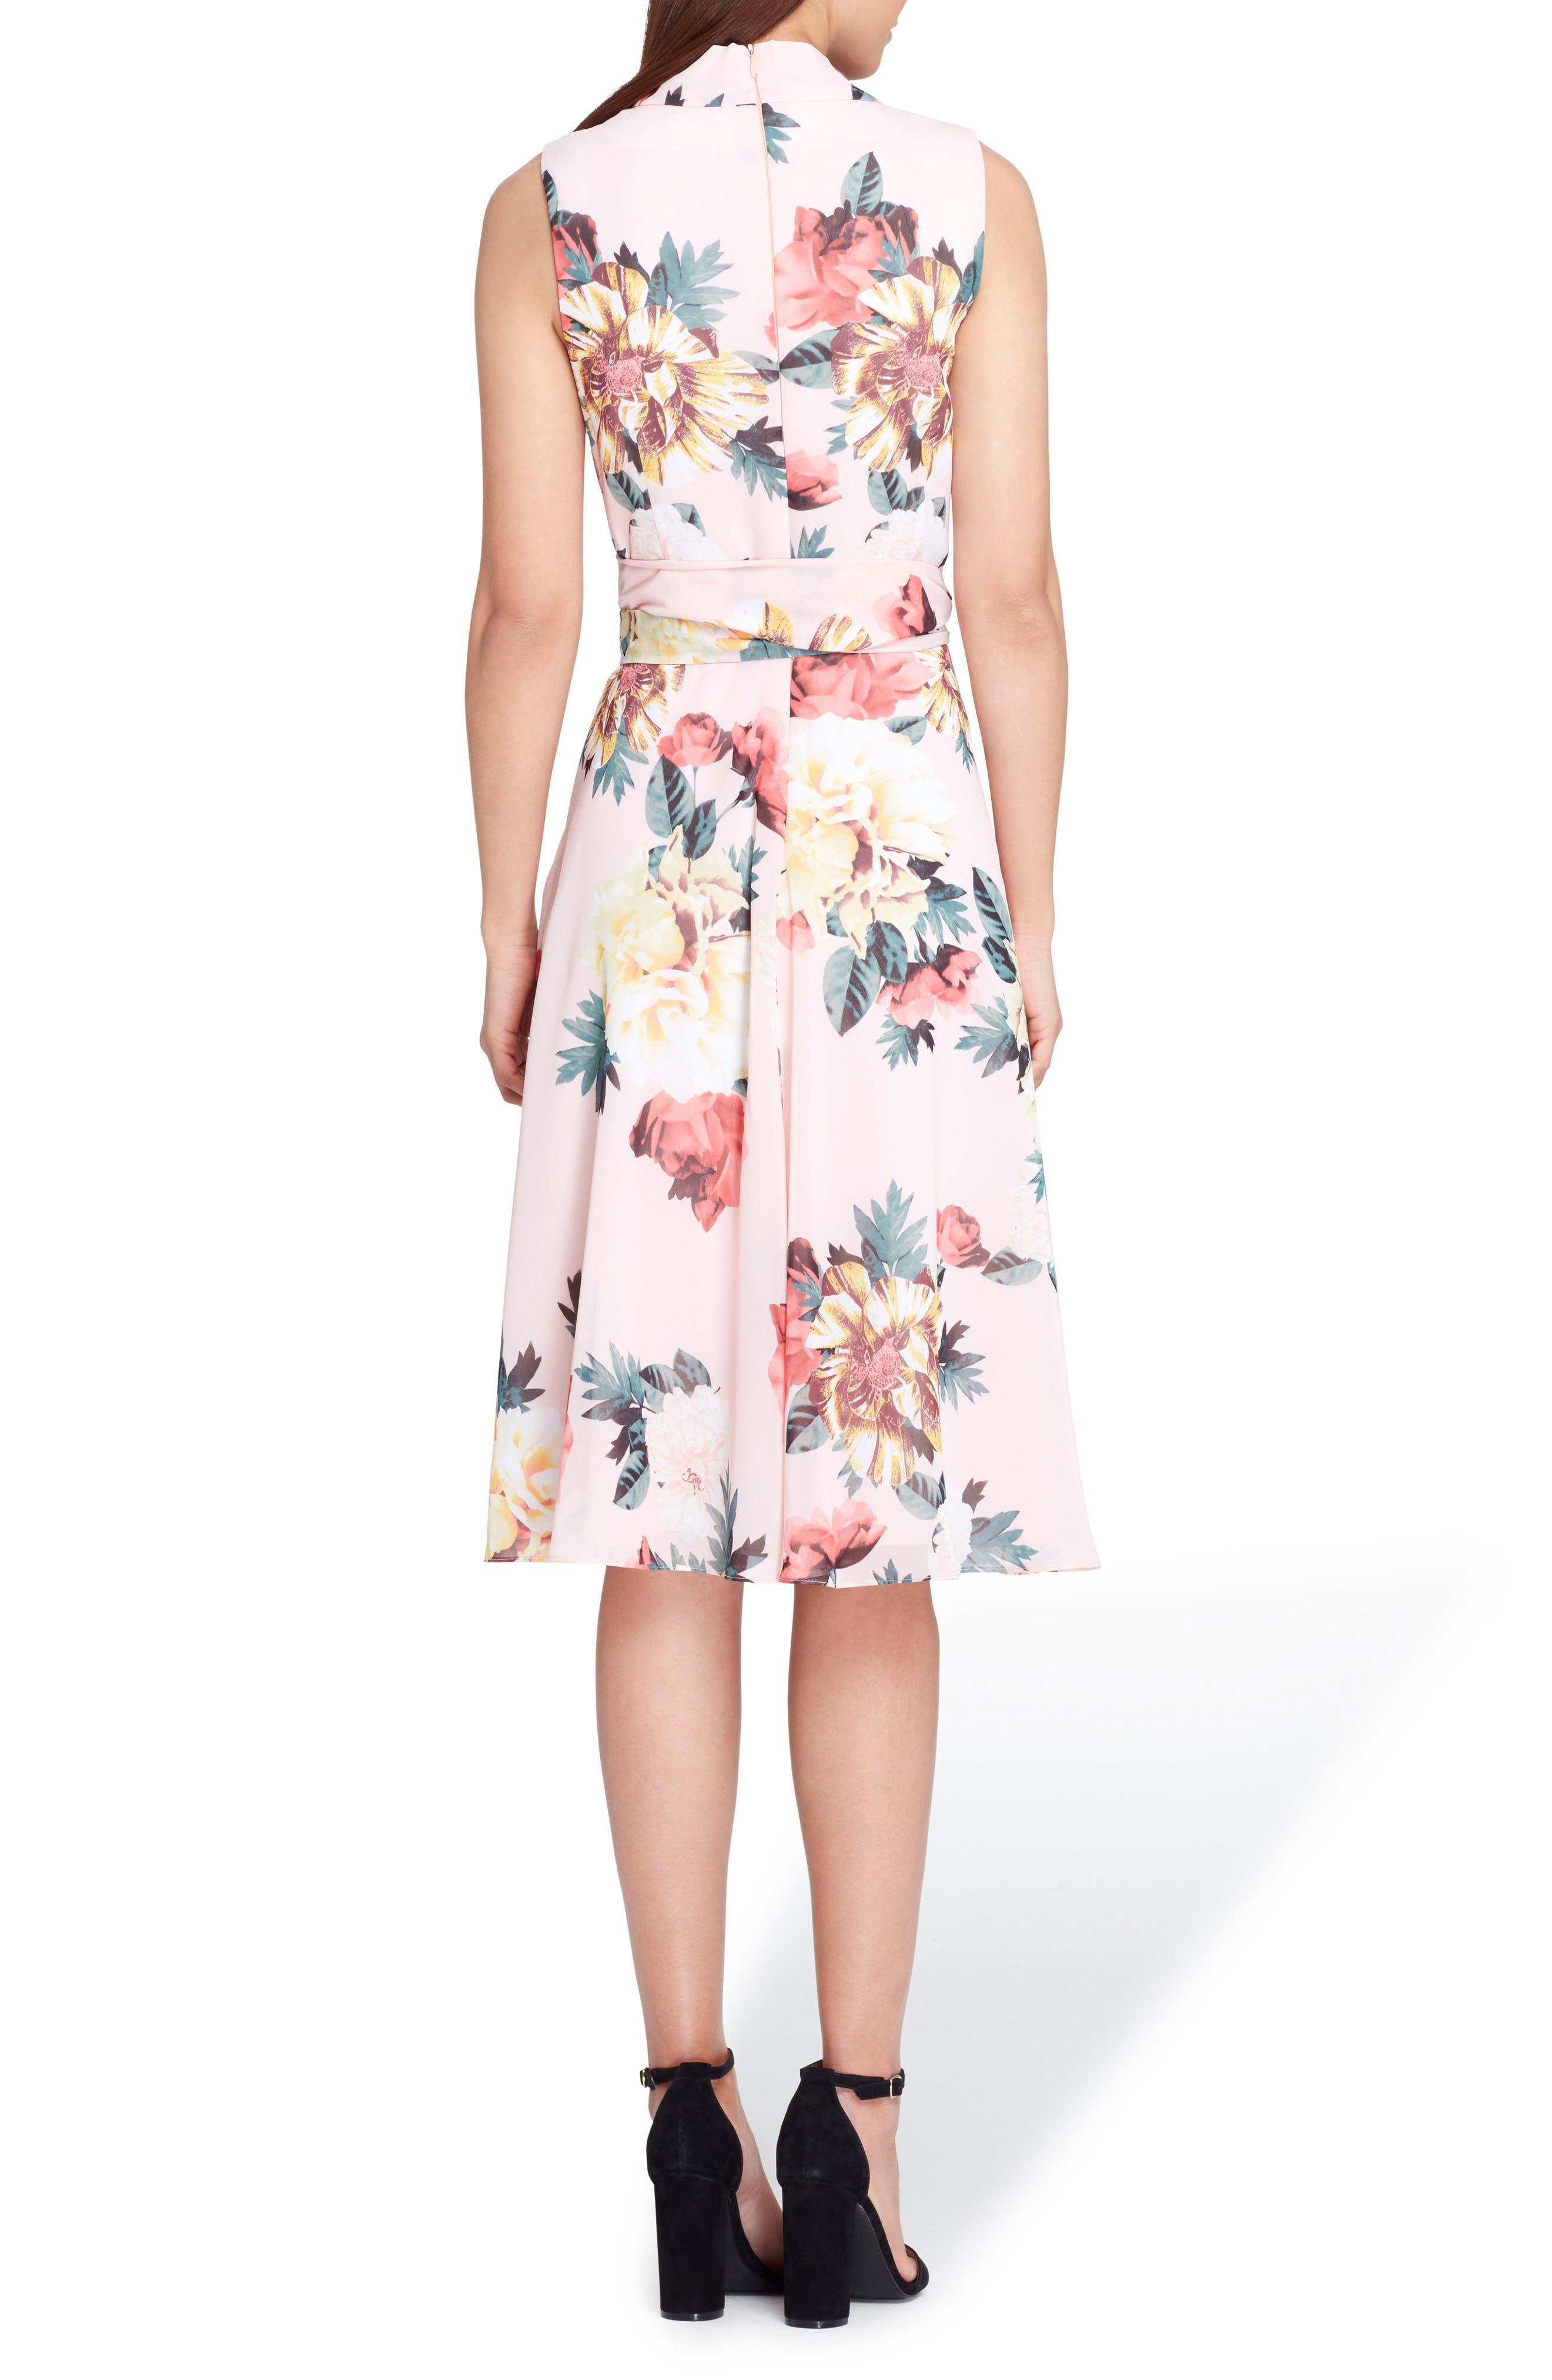 Floral Print Tie Waist Fit & Flare Dress,                             Alternate thumbnail 2, color,                             Blush/ Lemon/ Coral